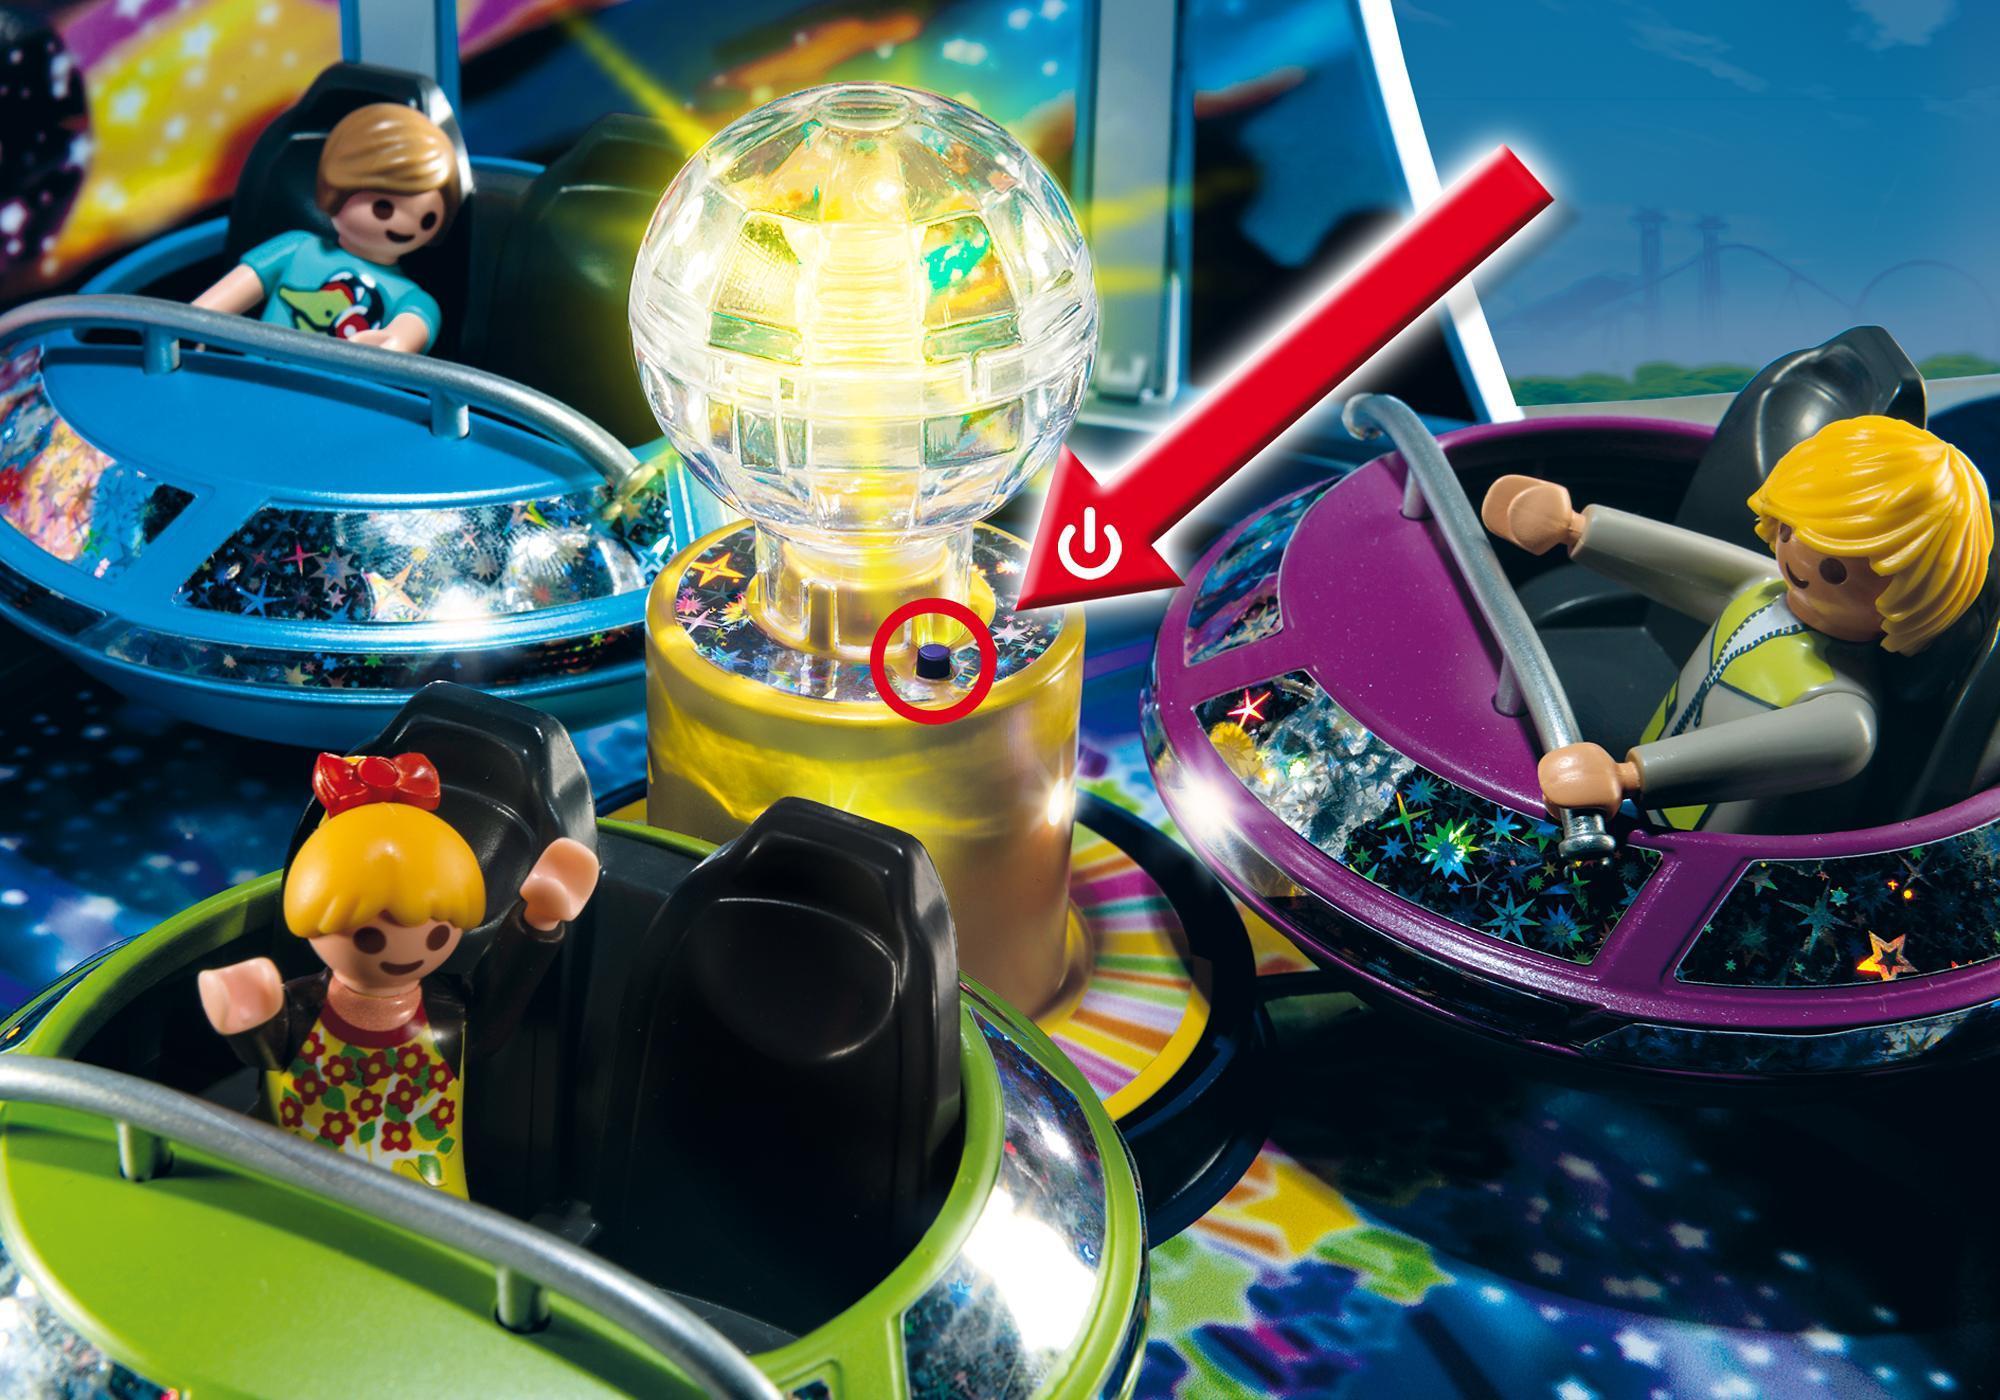 http://media.playmobil.com/i/playmobil/5554_product_extra2/Atração das Naves Giratórias com Luzes